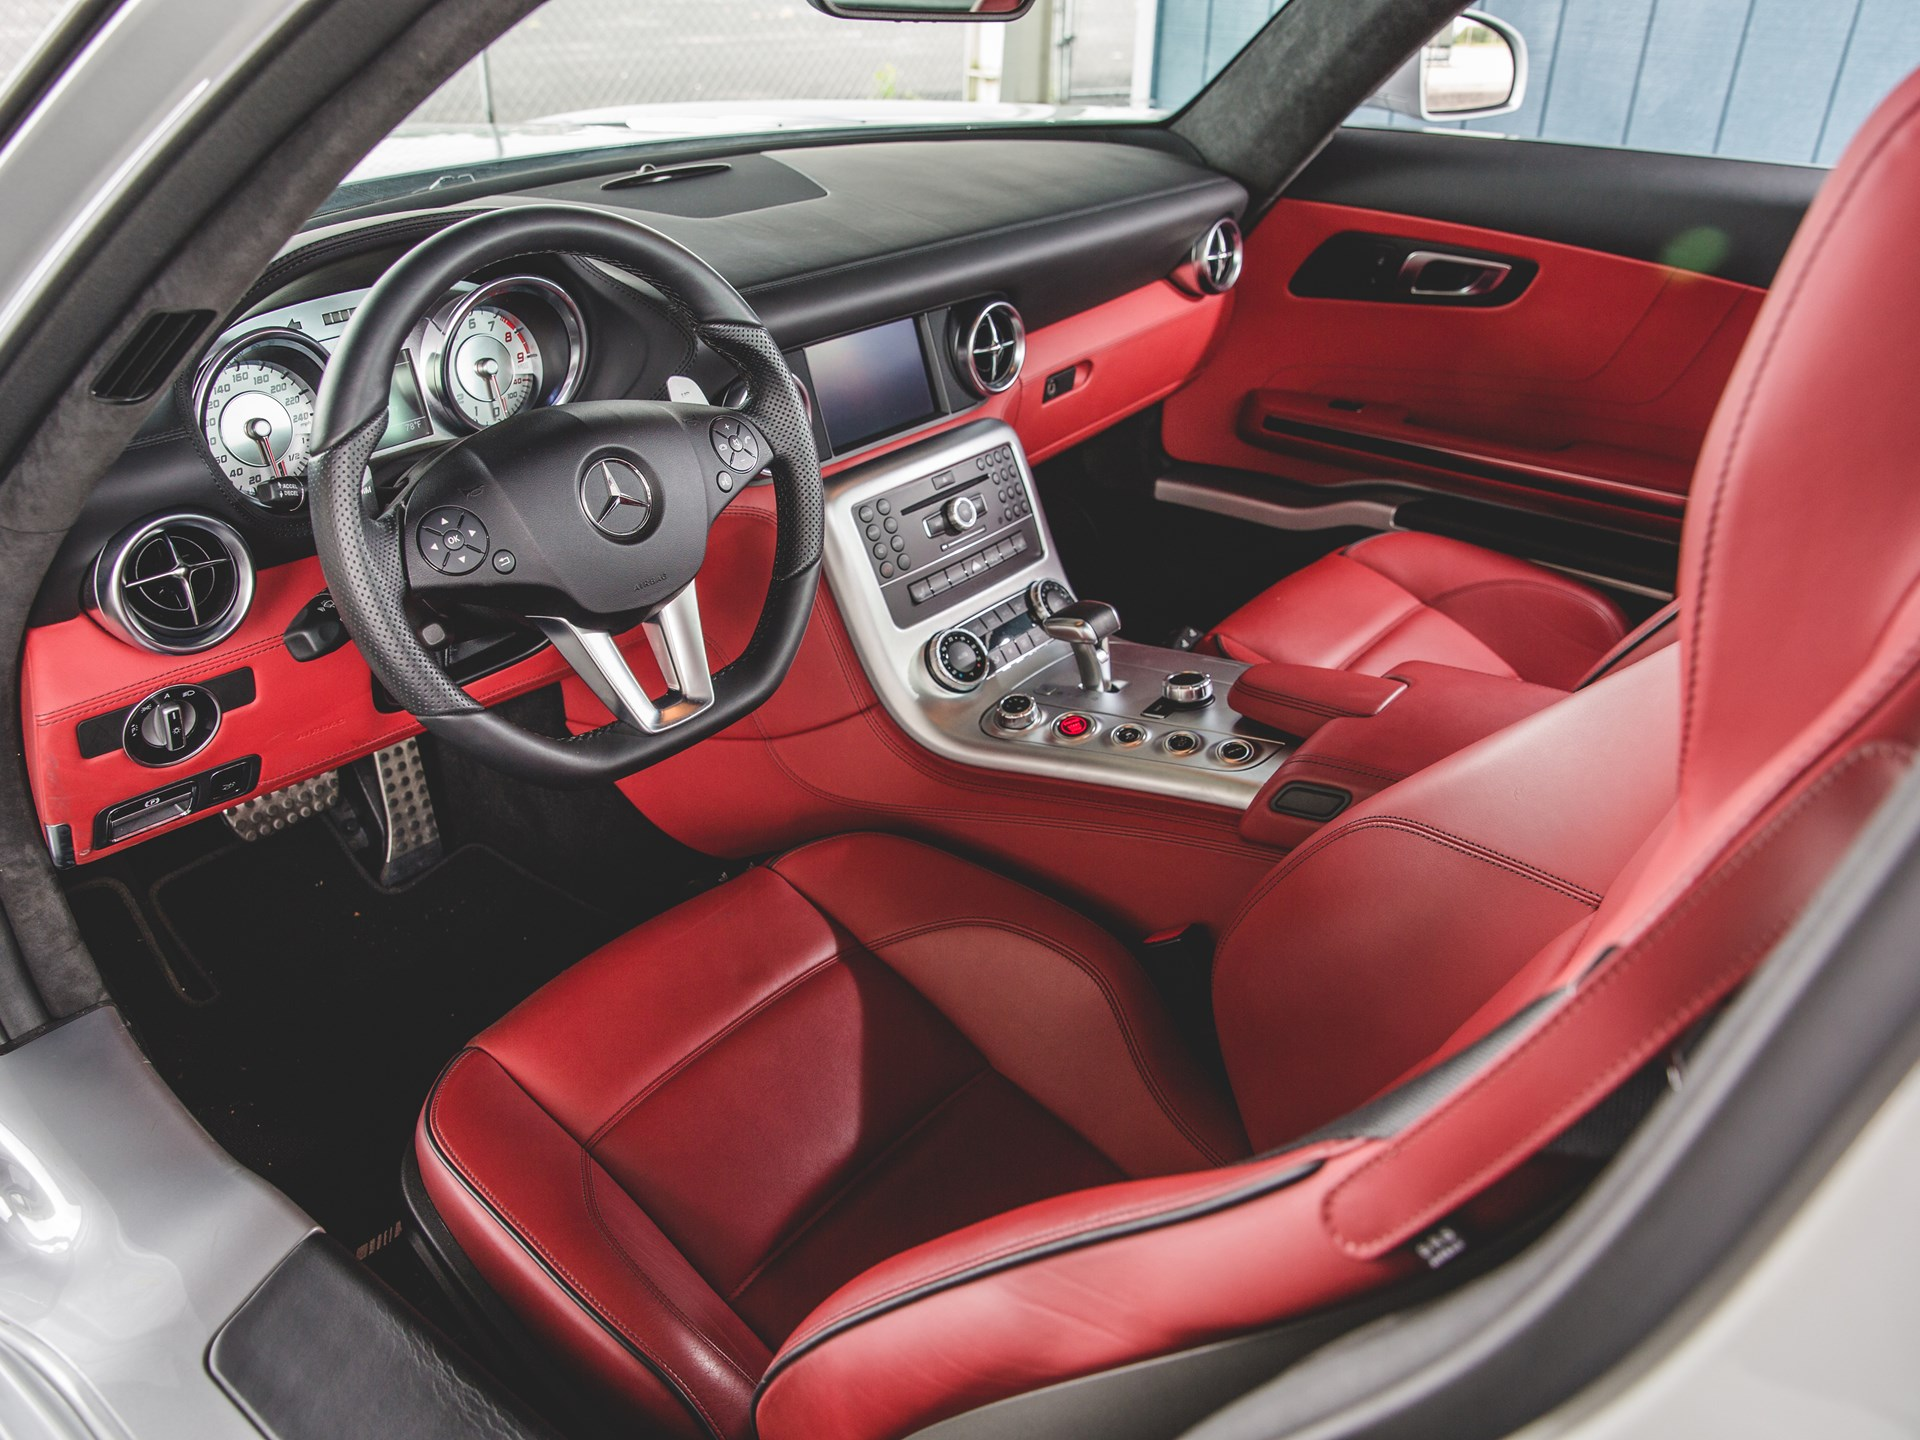 2011 Mercedes Benz SLS AMG